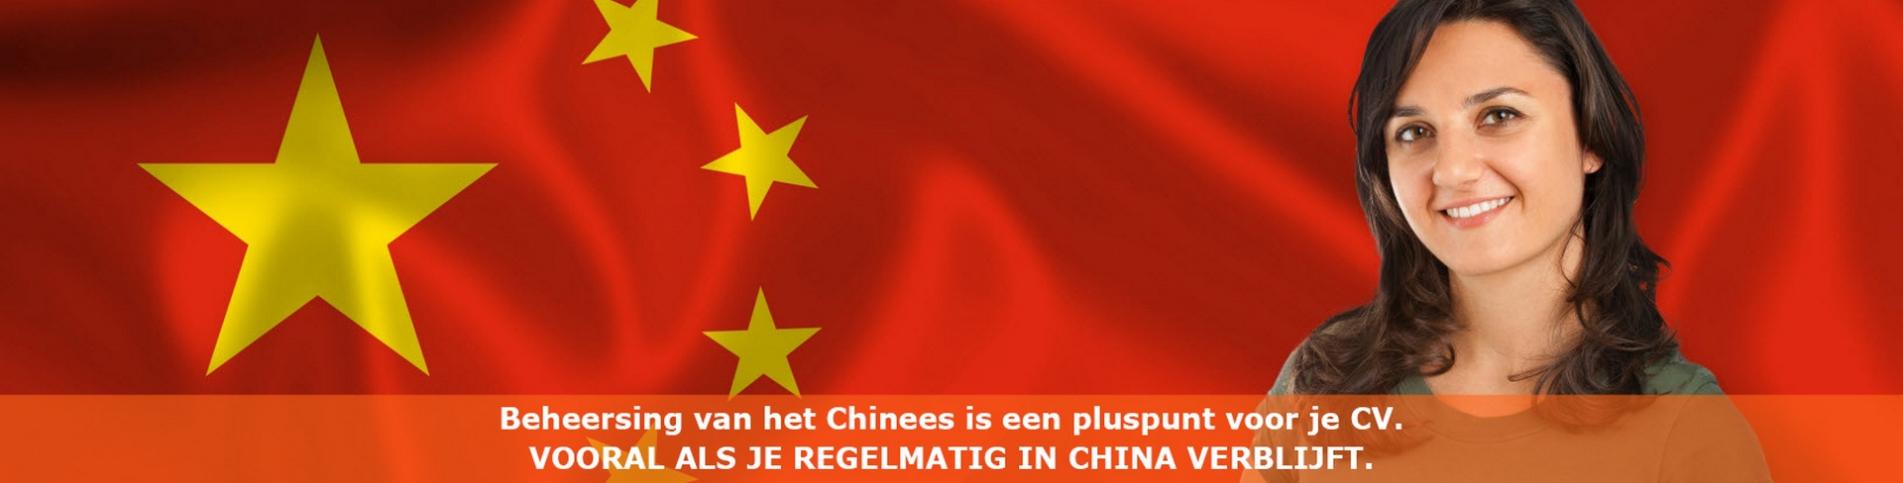 leraar school chinees docent chinese taal Monica Chen les cursus leren het gooi vechtstreek flevoland